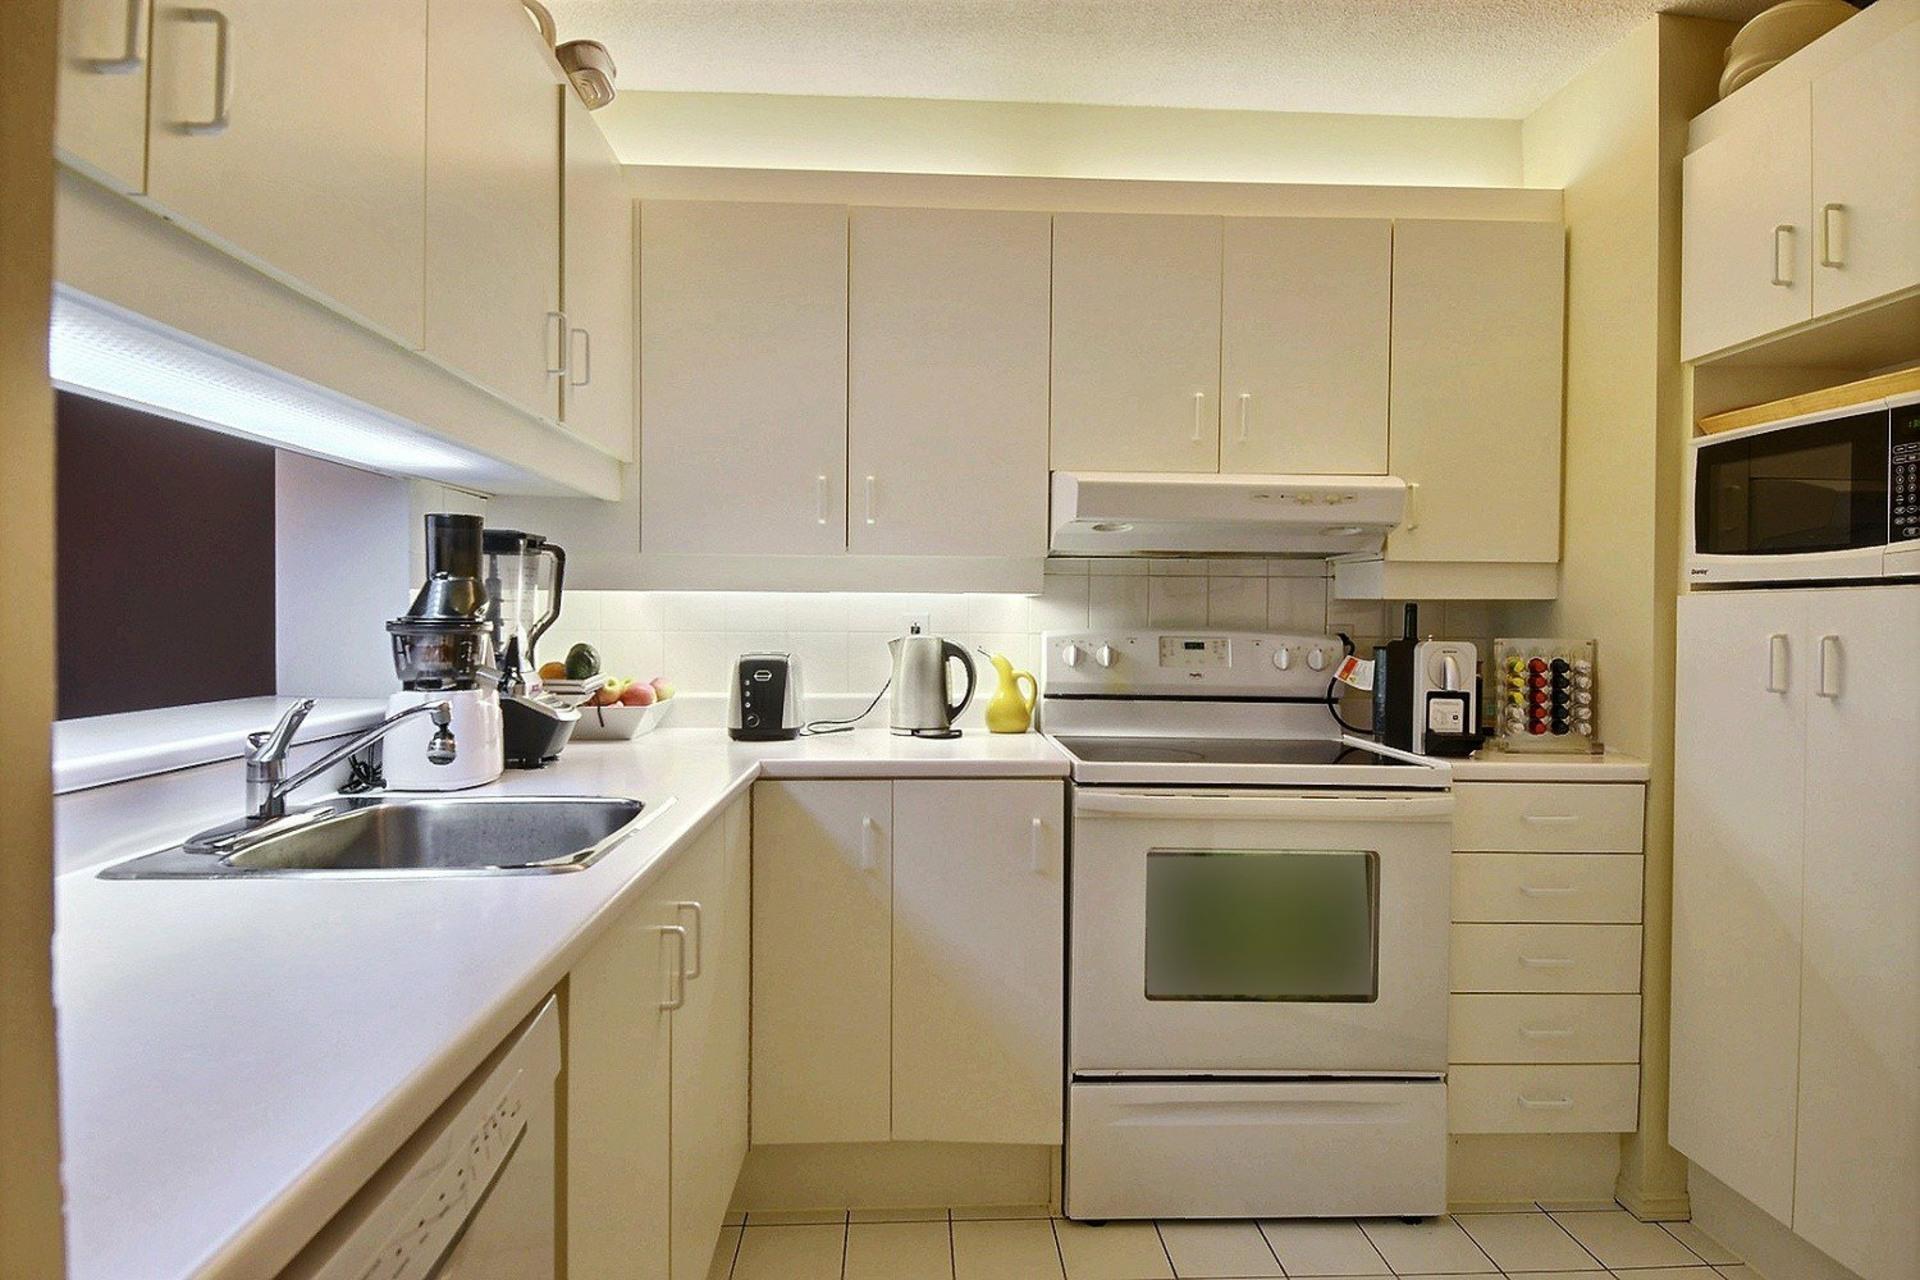 image 9 - Appartement À vendre Montréal Verdun/Île-des-Soeurs  - 5 pièces